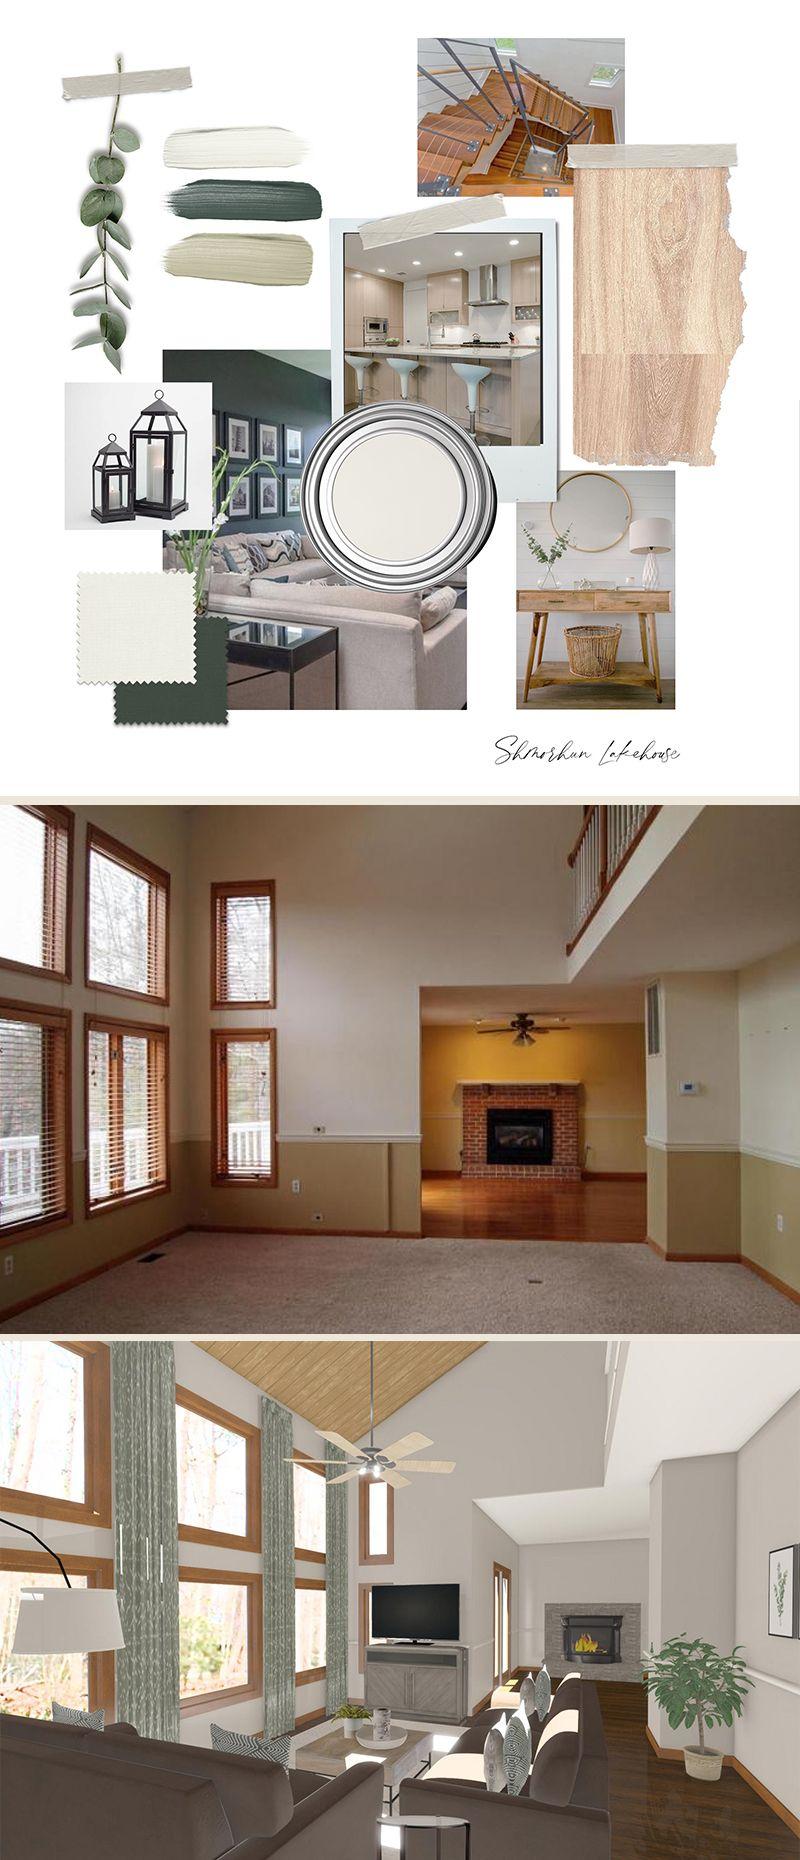 3d Living Room Design Online Interior Design Interior Design Living Room Decor Online Interior Design Living Room Designs